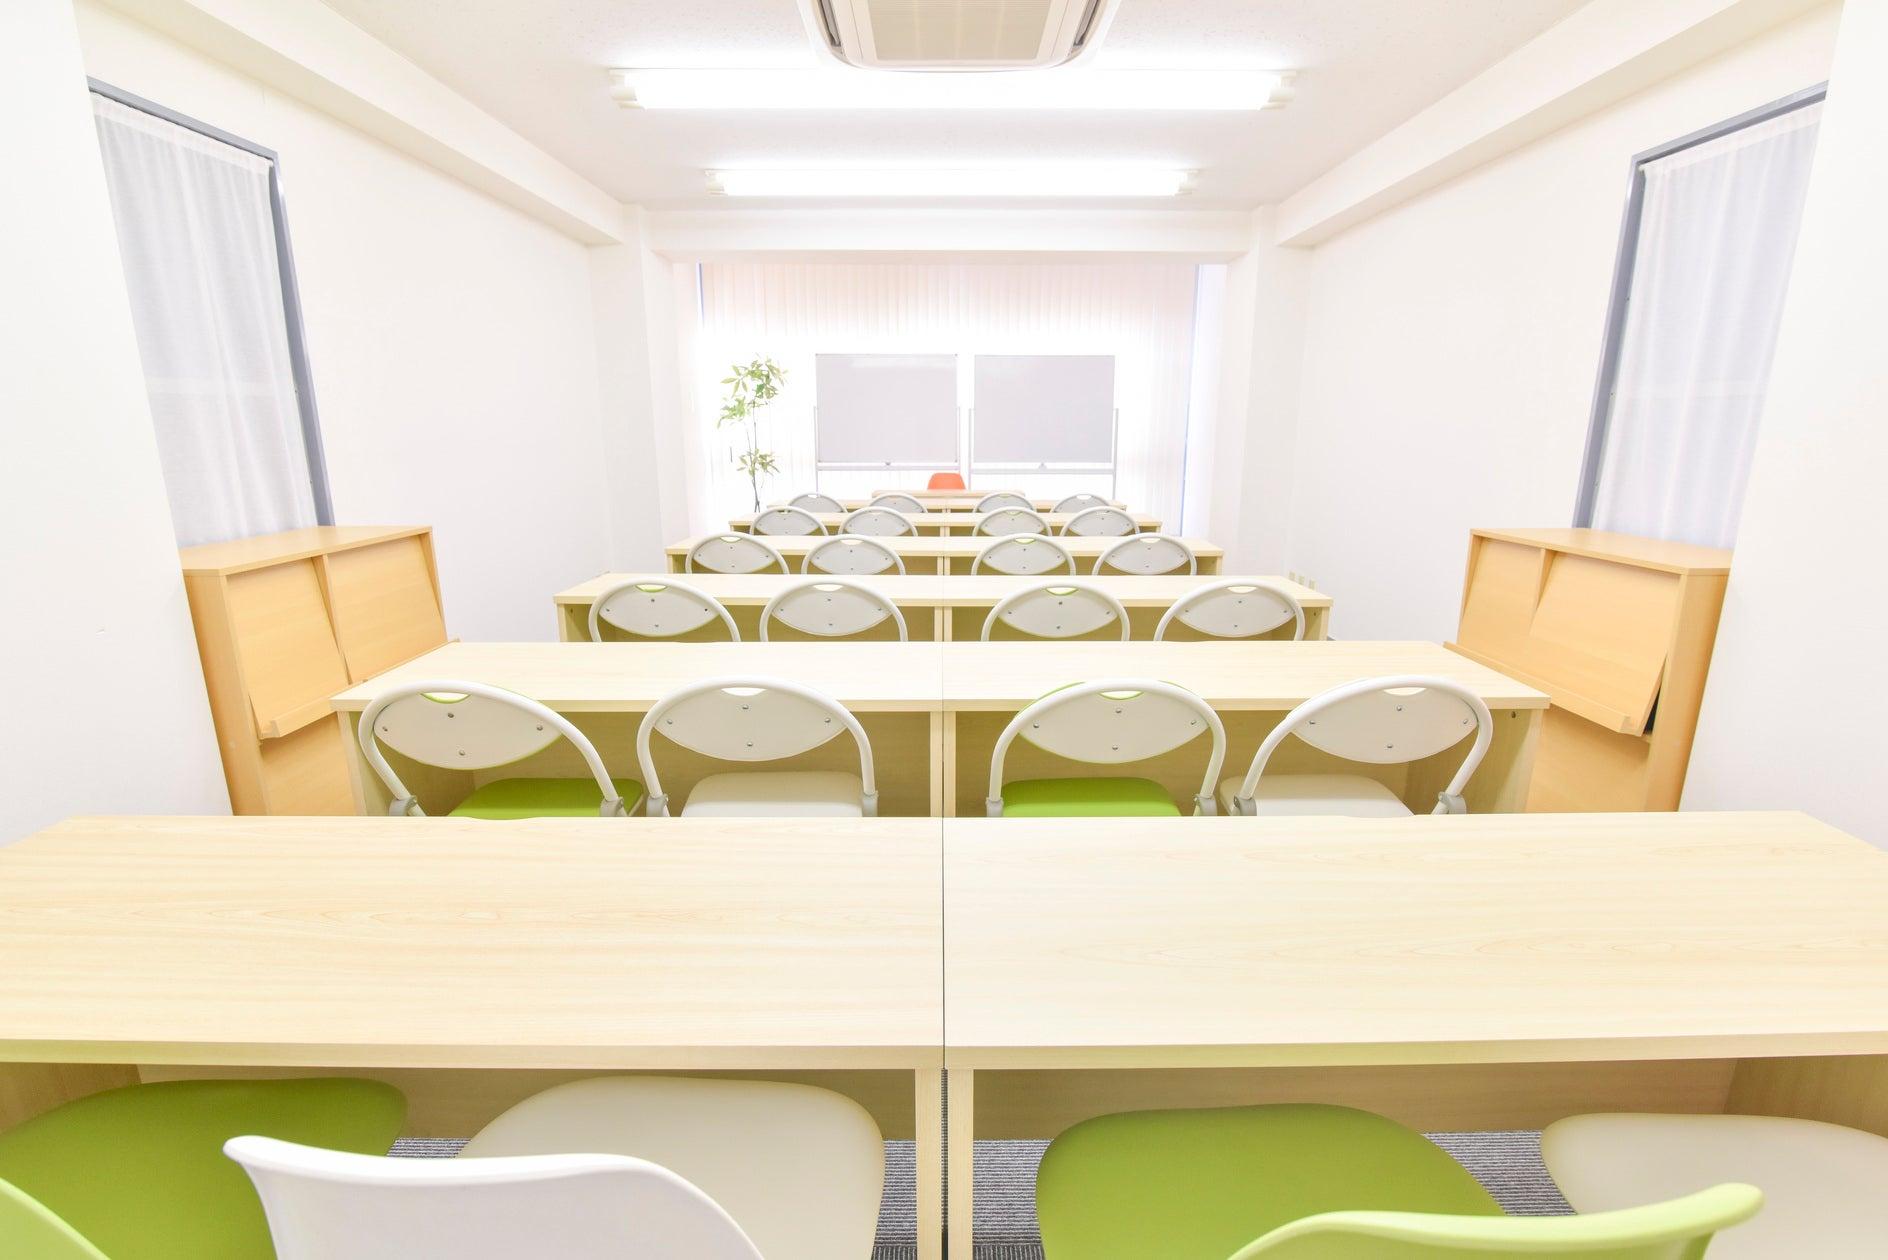 ⭐5日前から30%OFF⭐御御茶ノ水駅から6分✨キレイ清潔✨最大36名!セミナー・会議スペース(御茶ノ水レンタルスペースOHANA(オハナ)) の写真0